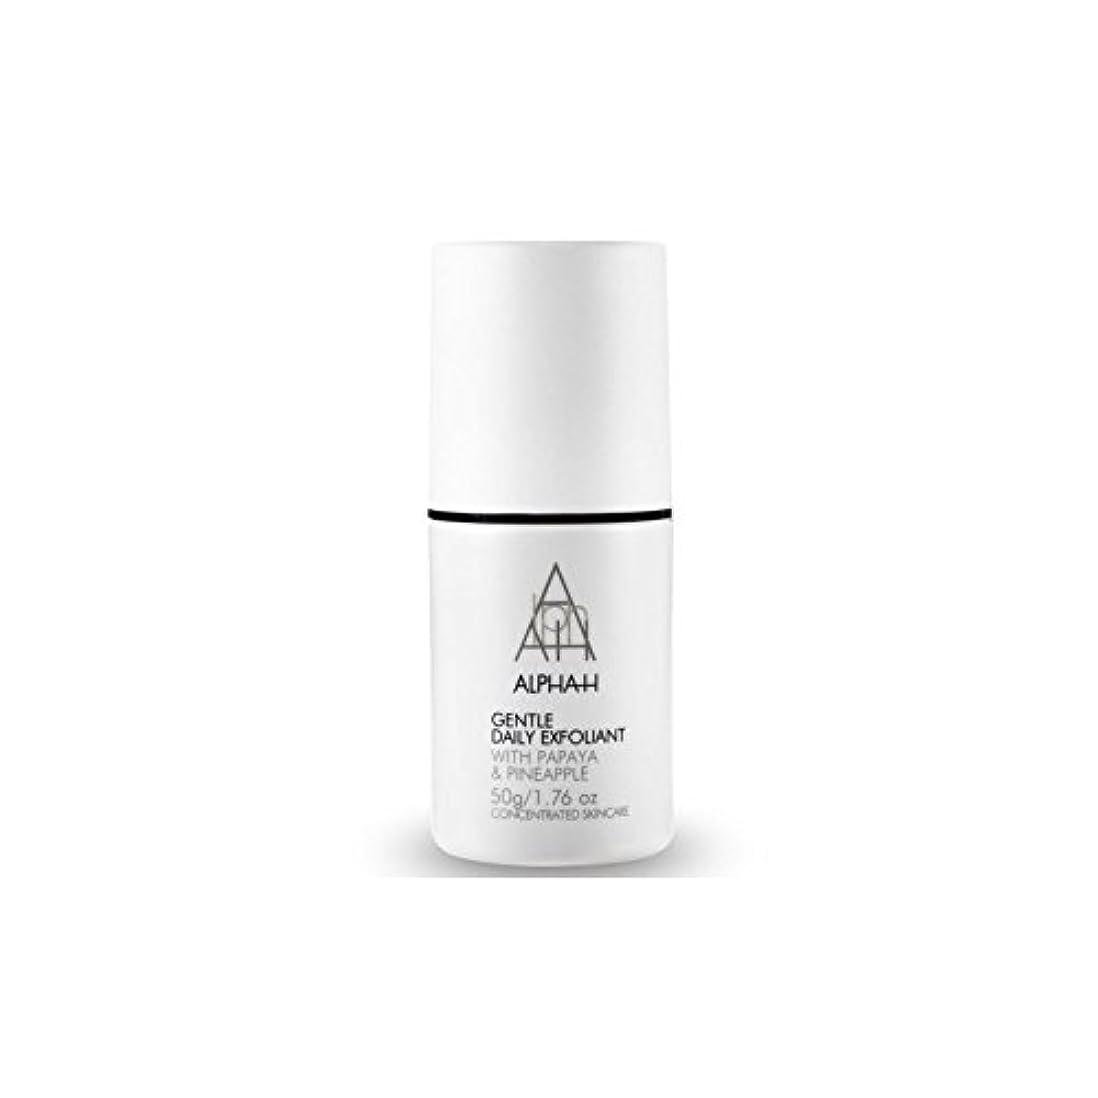 無臭比較素子アルファ - 時間穏やか毎日の角質(50グラム) x2 - Alpha-H Gentle Daily Exfoliant (50G) (Pack of 2) [並行輸入品]